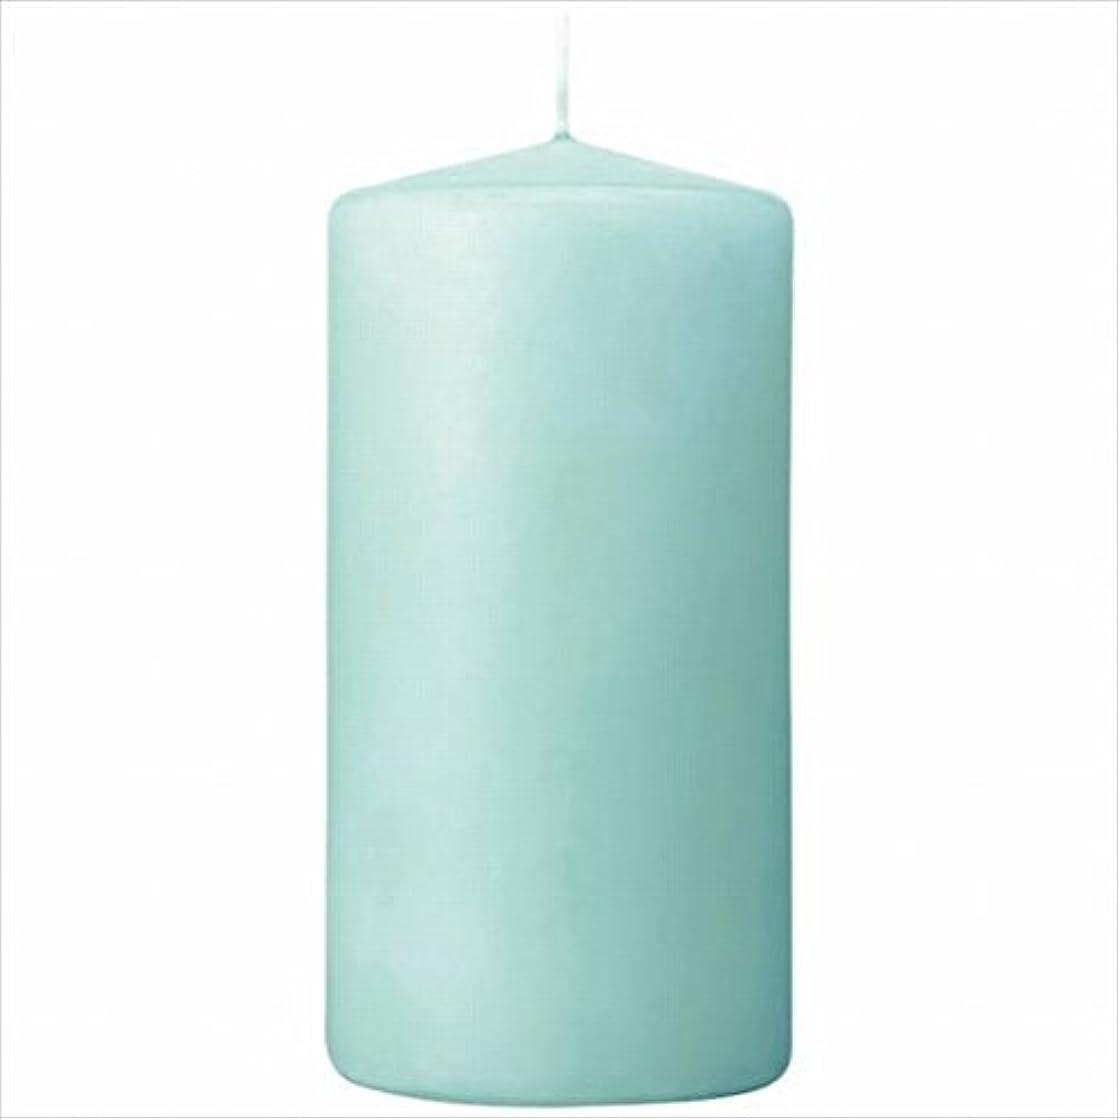 静かにオーバードローアイドルカメヤマキャンドル(kameyama candle) 3×6ベルトップピラーキャンドル 「 ライトブルー 」